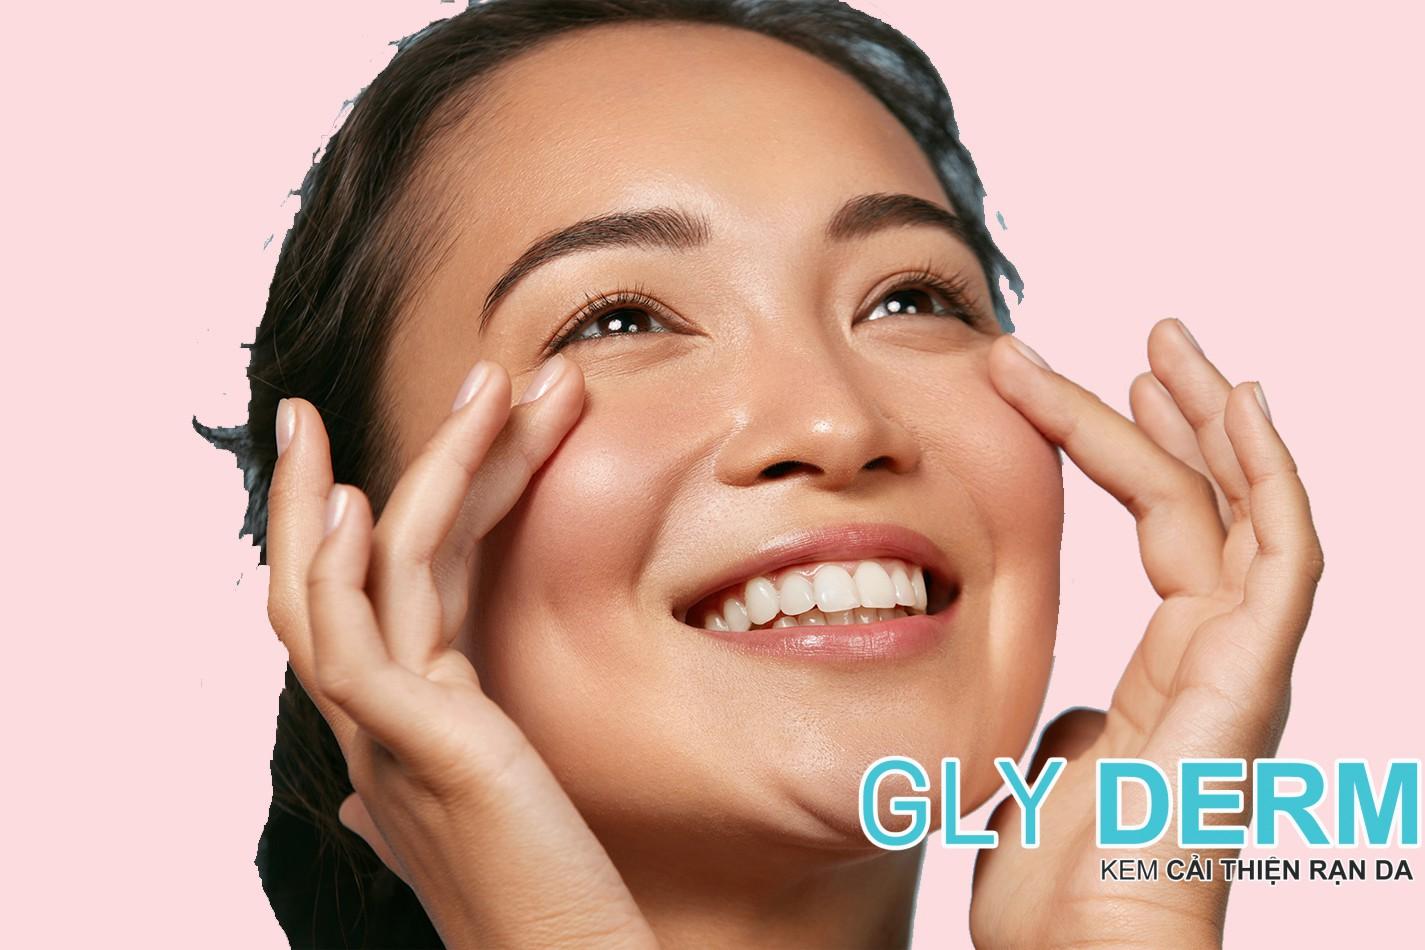 Chức năng bảo vệ da